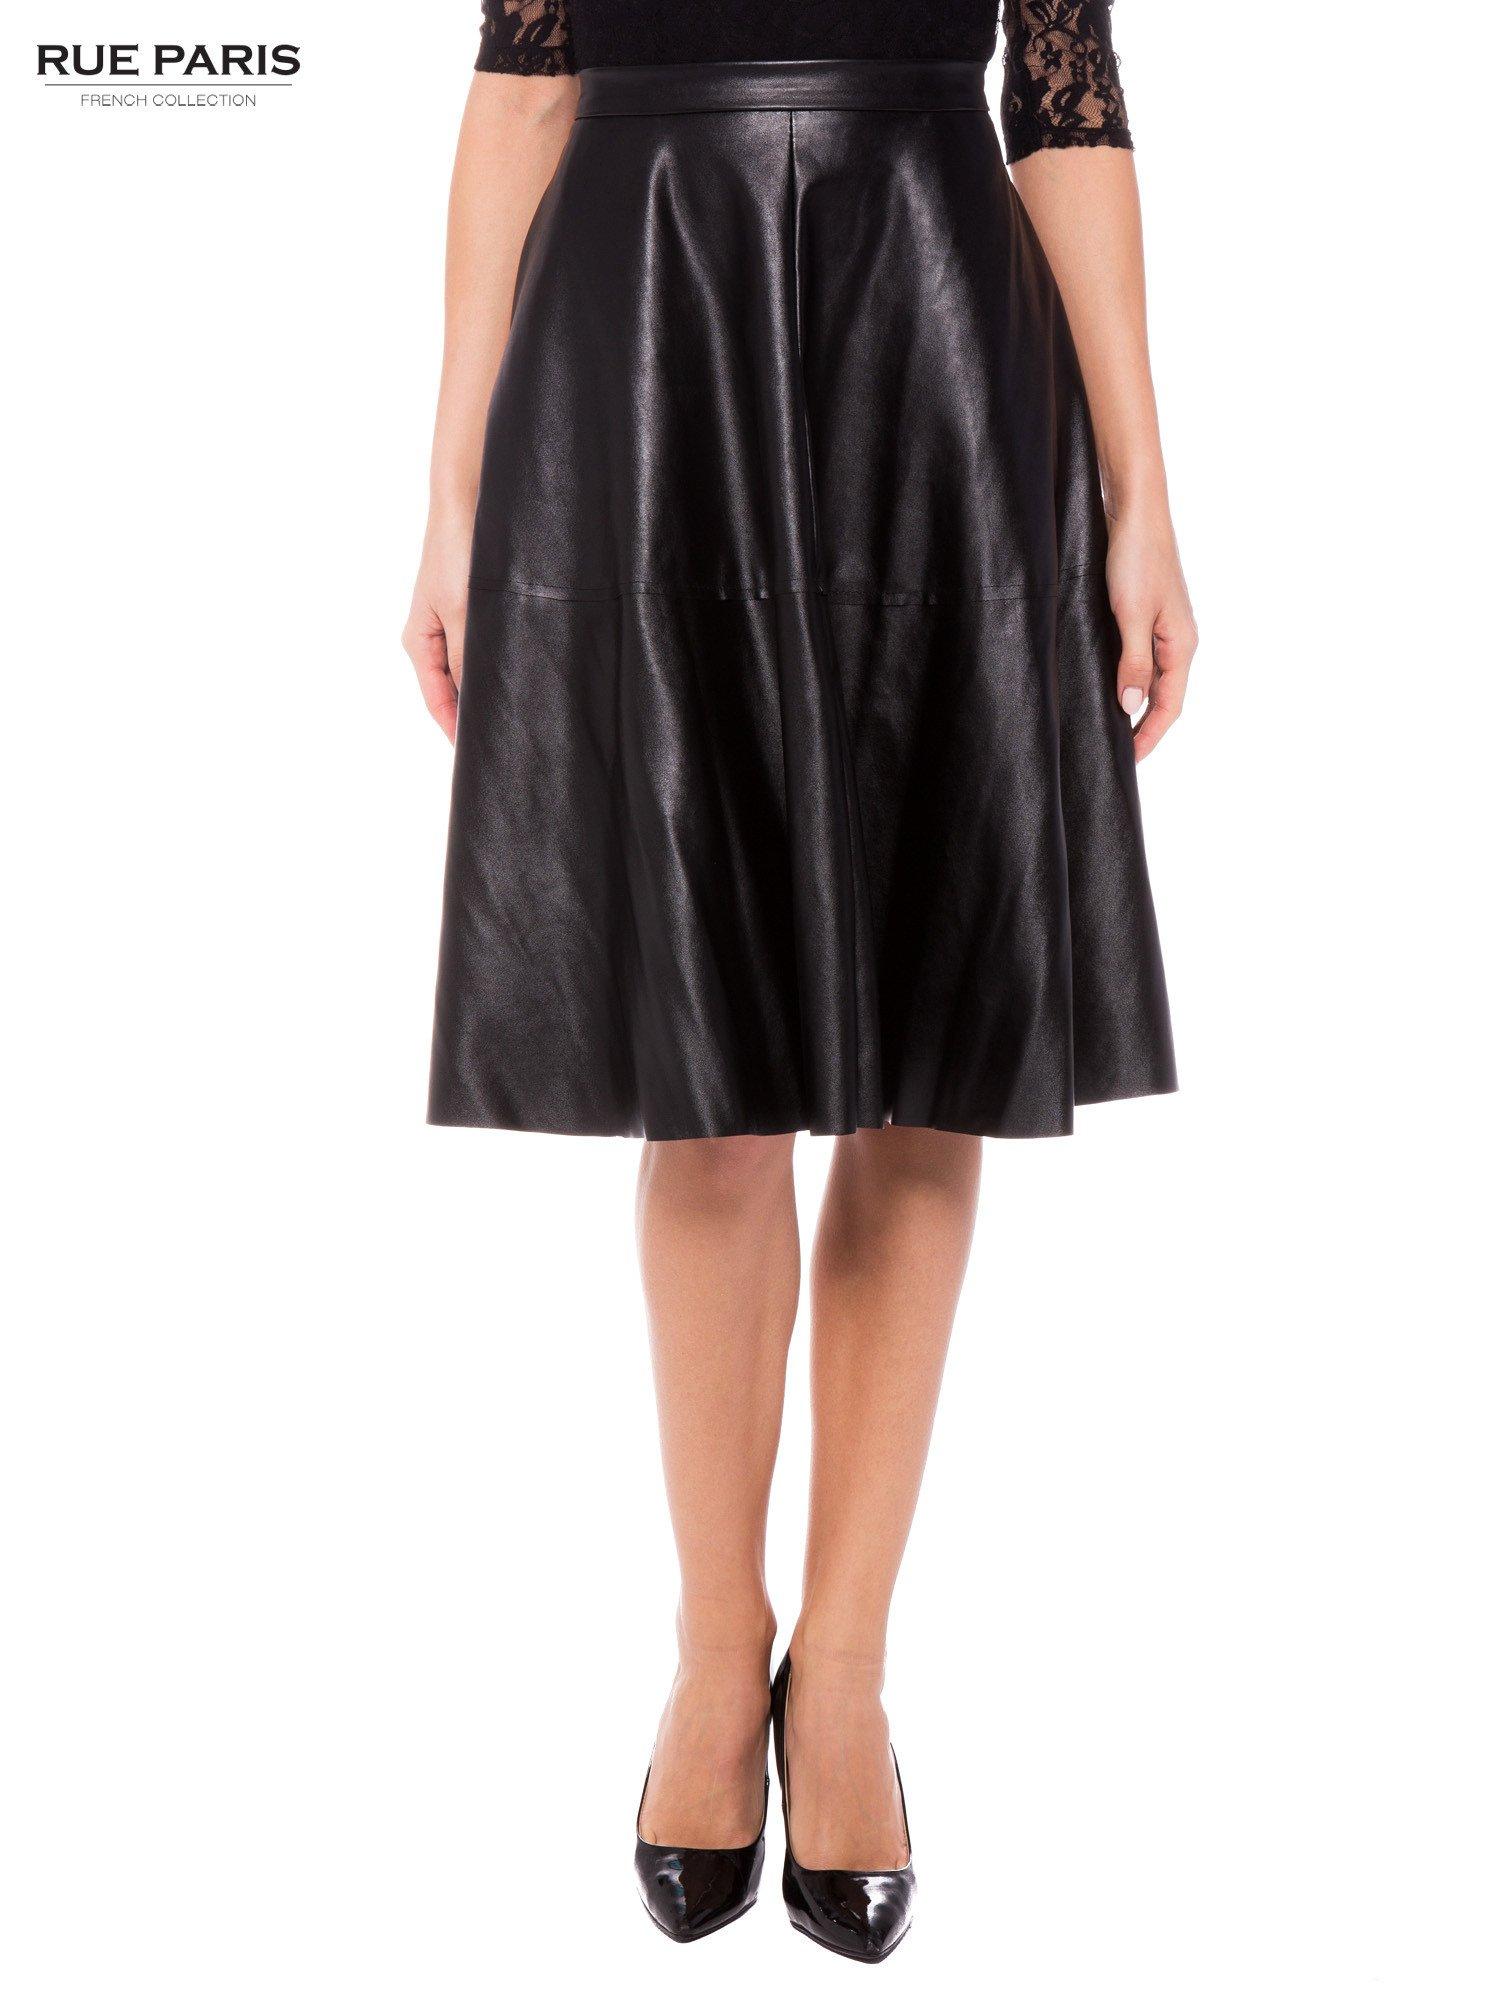 Czarna skórzana spódnica midi szyta z półkola                                  zdj.                                  1